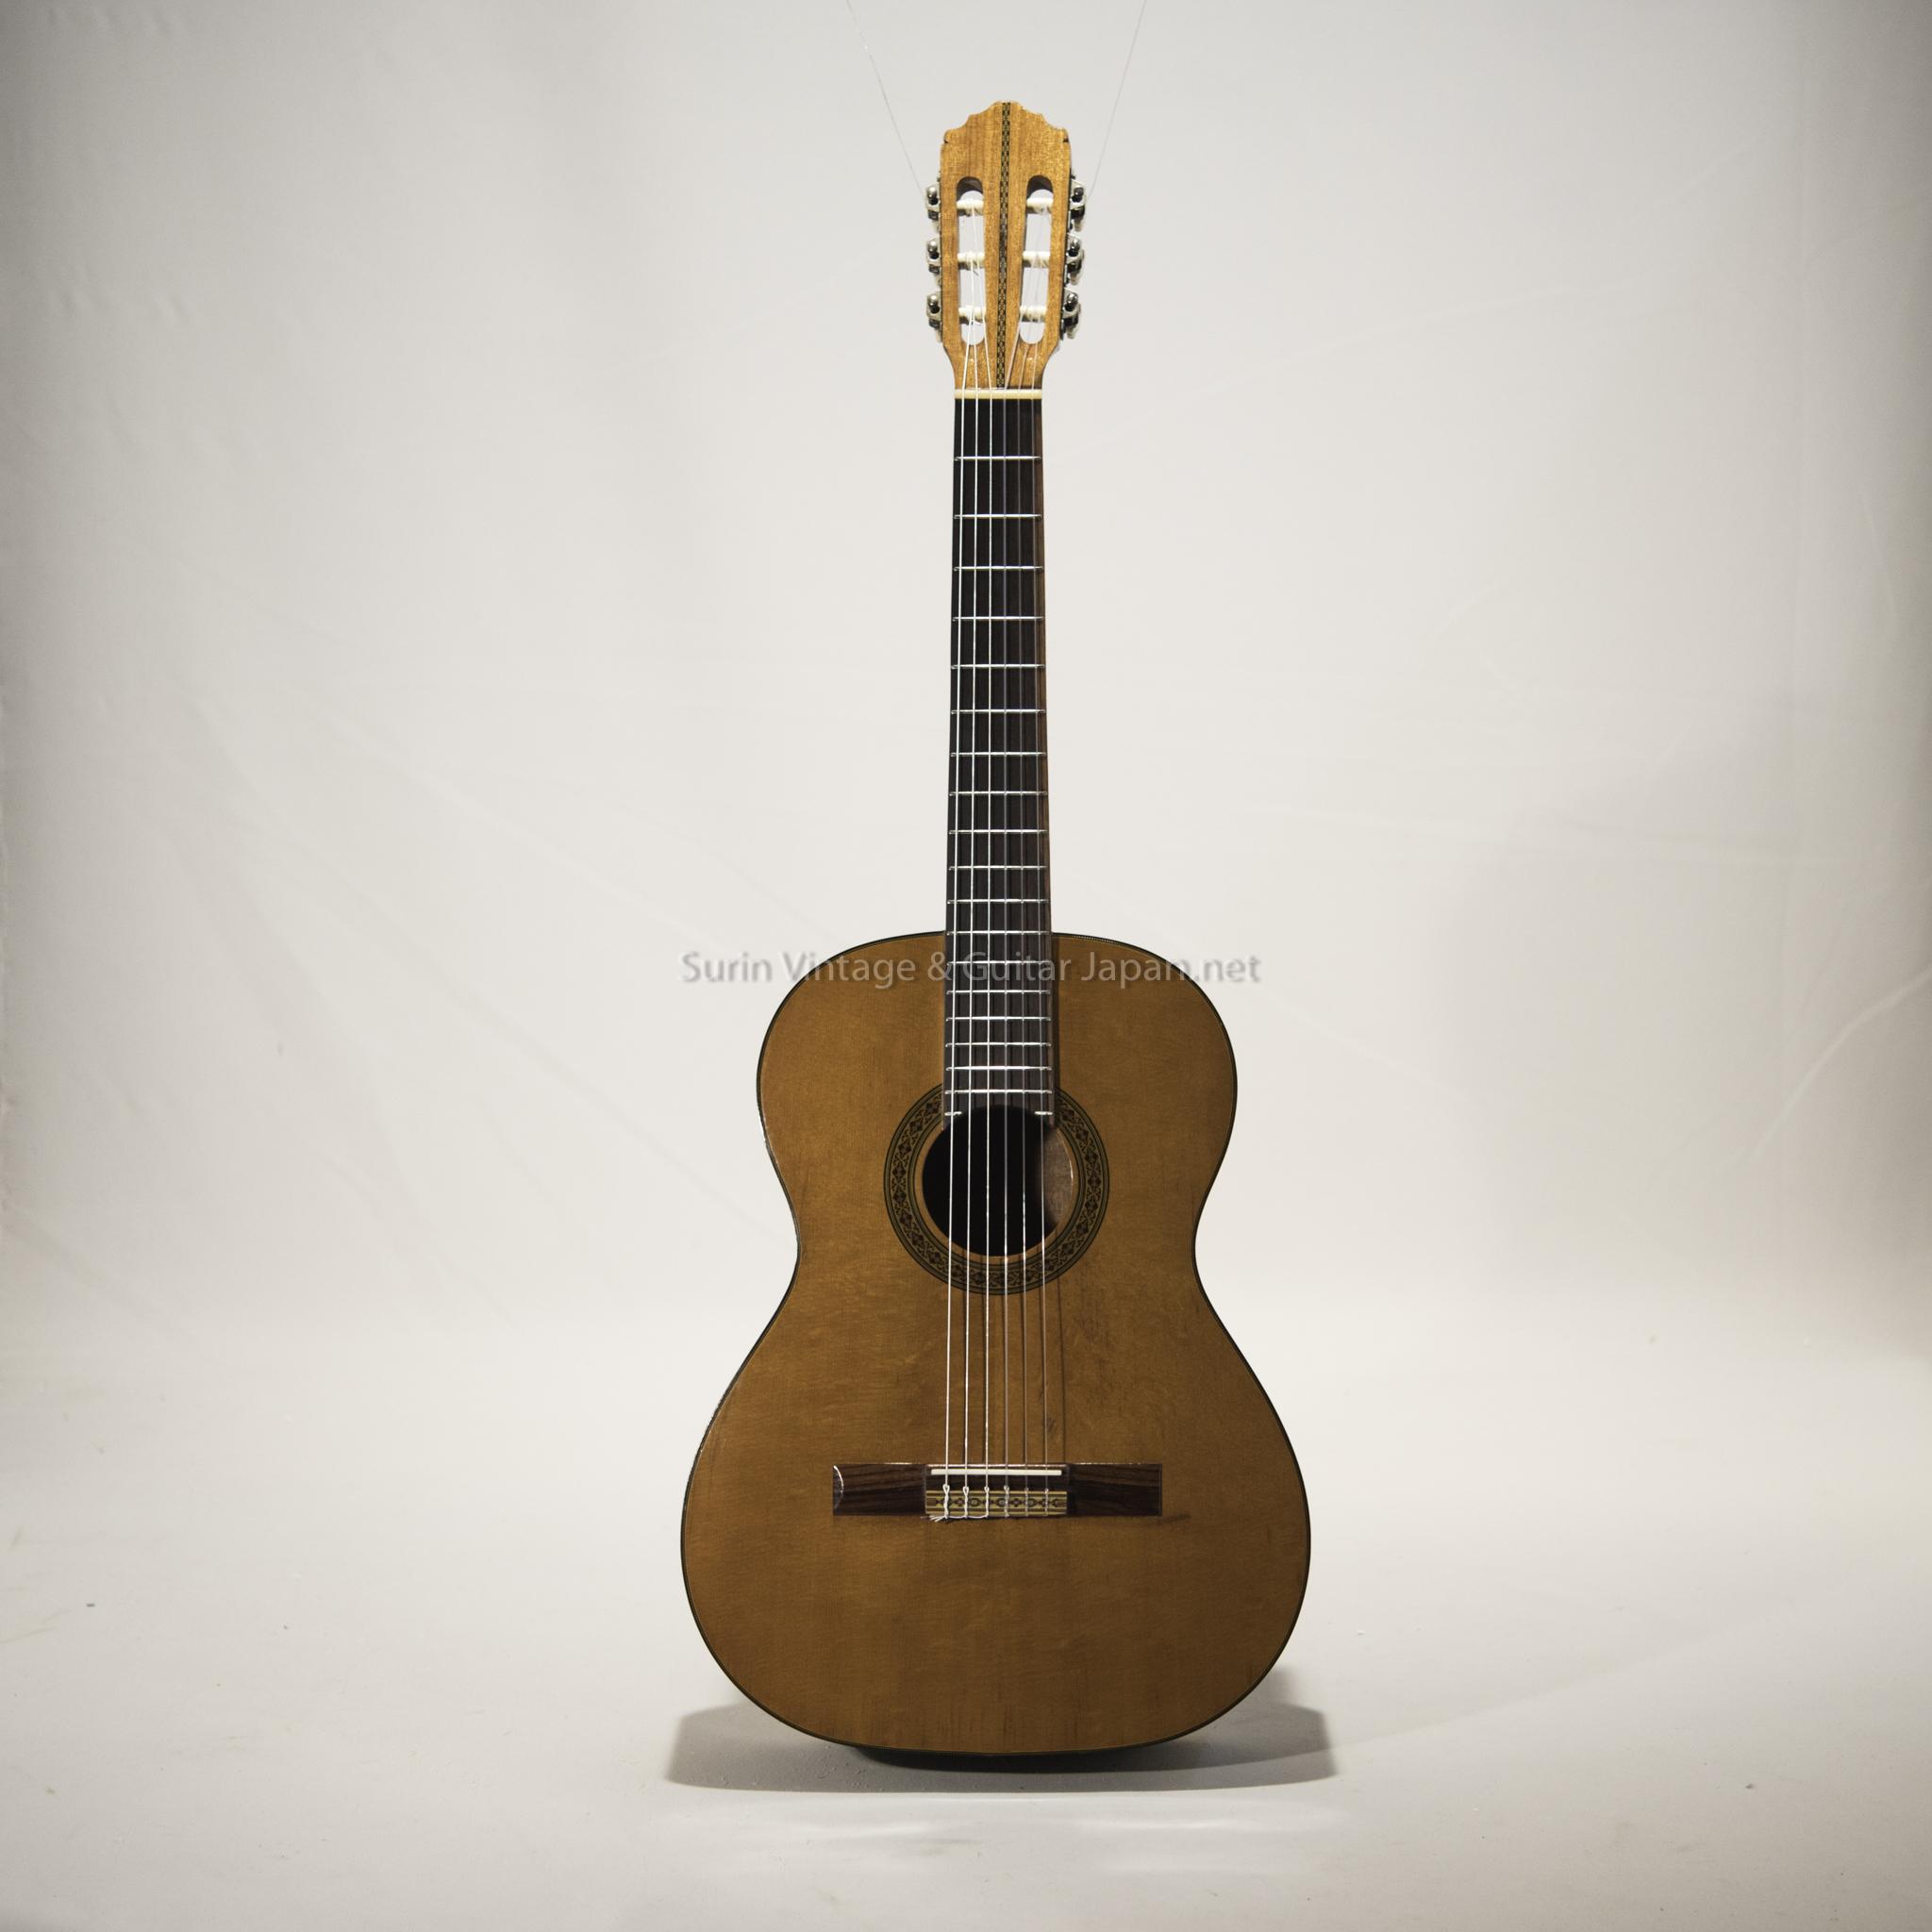 กีต้าร์คลาสสิคมือสอง Classic Guitar Vintage japan No.9